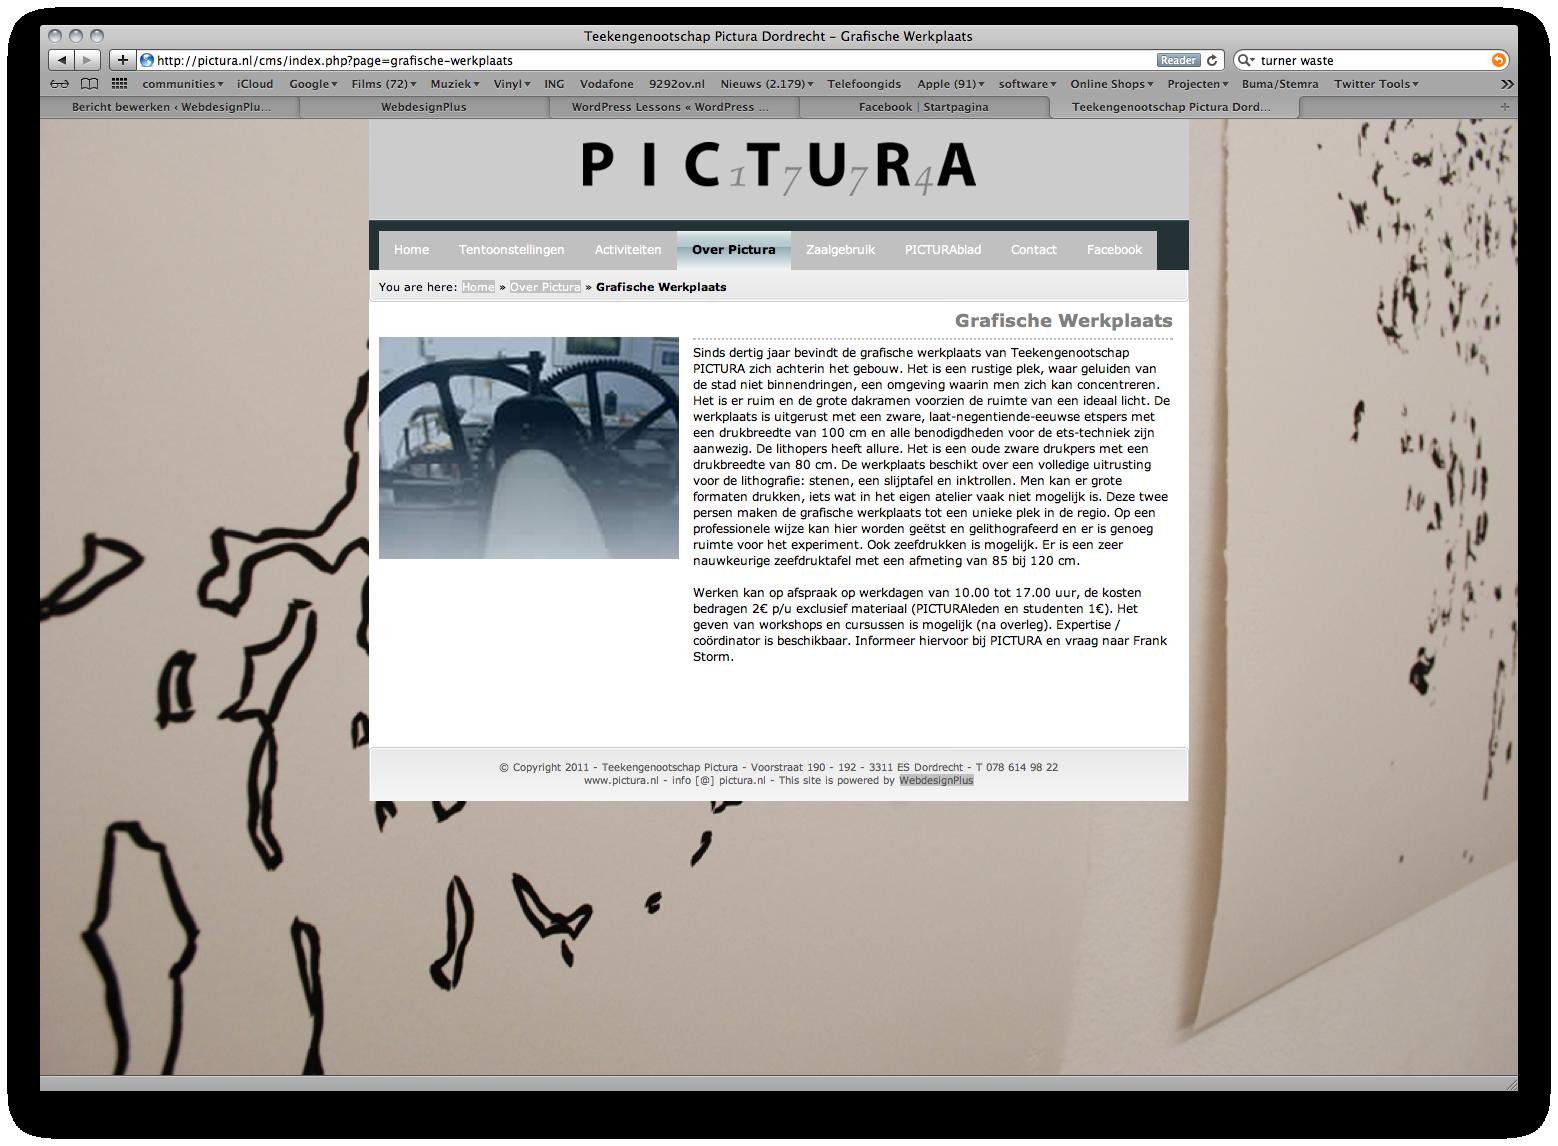 2011 - Teekengenootschap Pictura